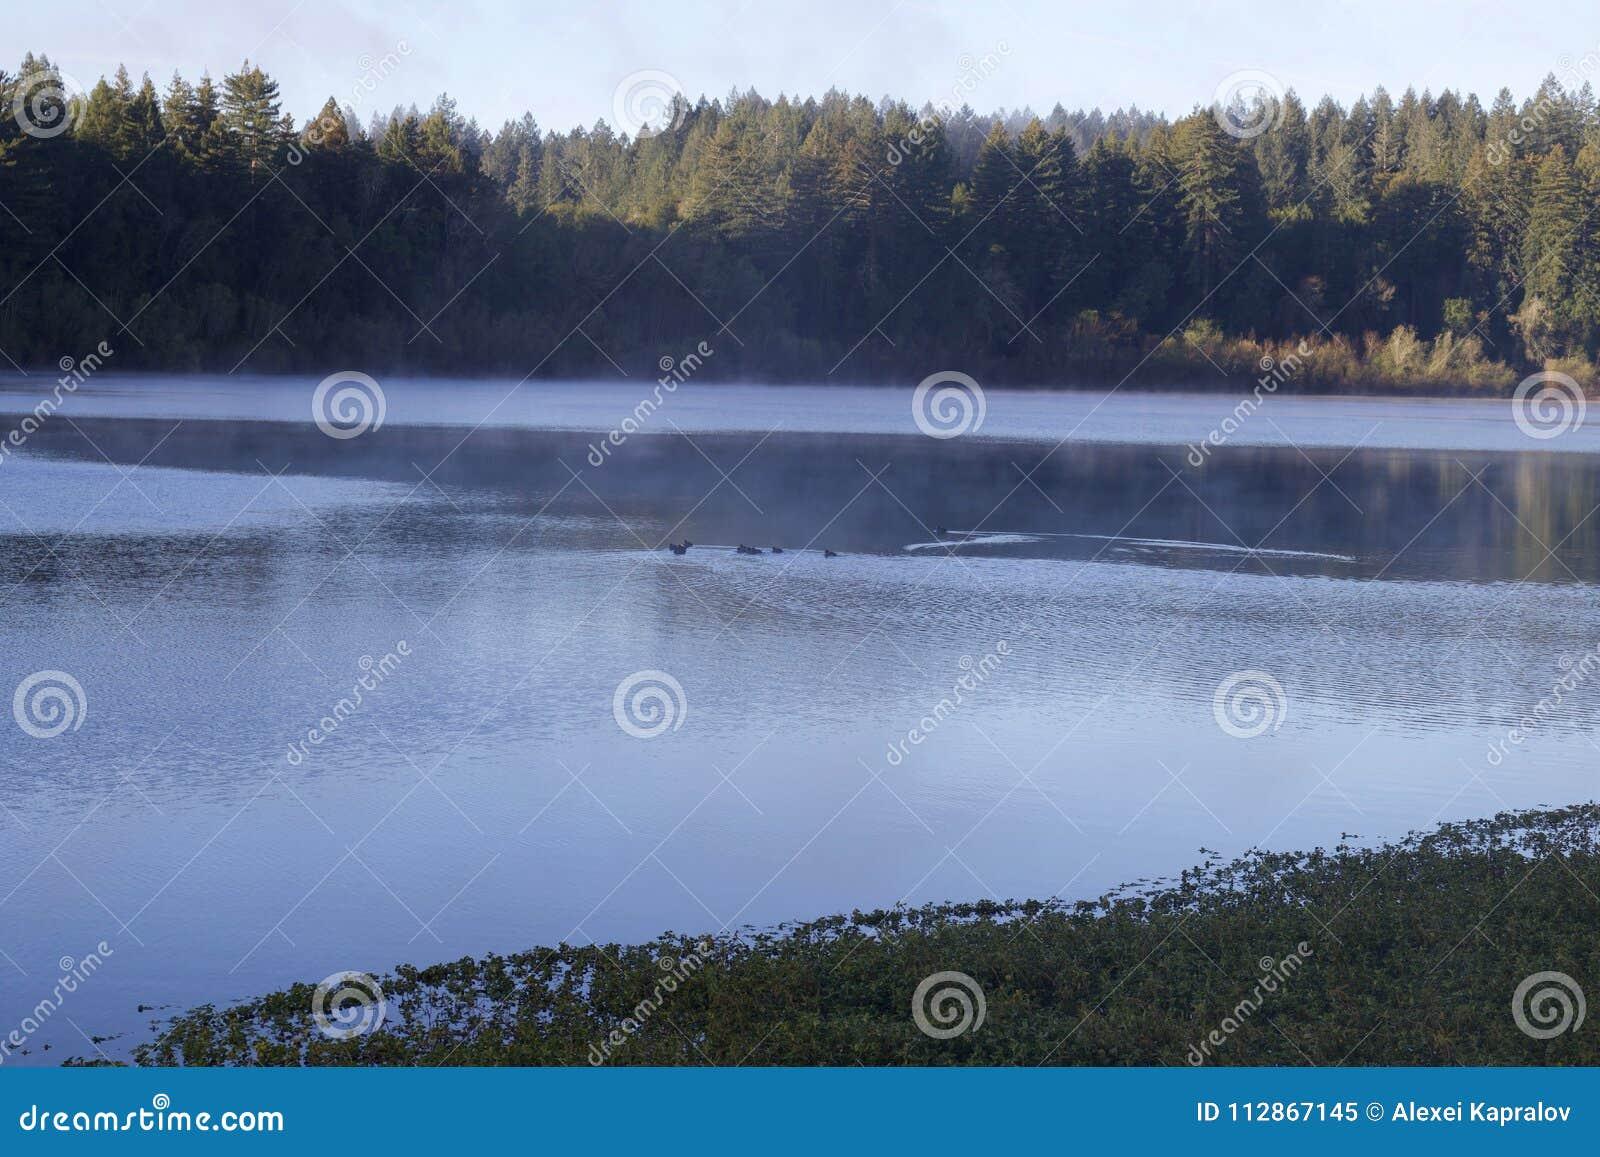 Размещенный вдоль русского реки, парк берега реки региональный как раз минуты от городских Виндзора и Healdsburg